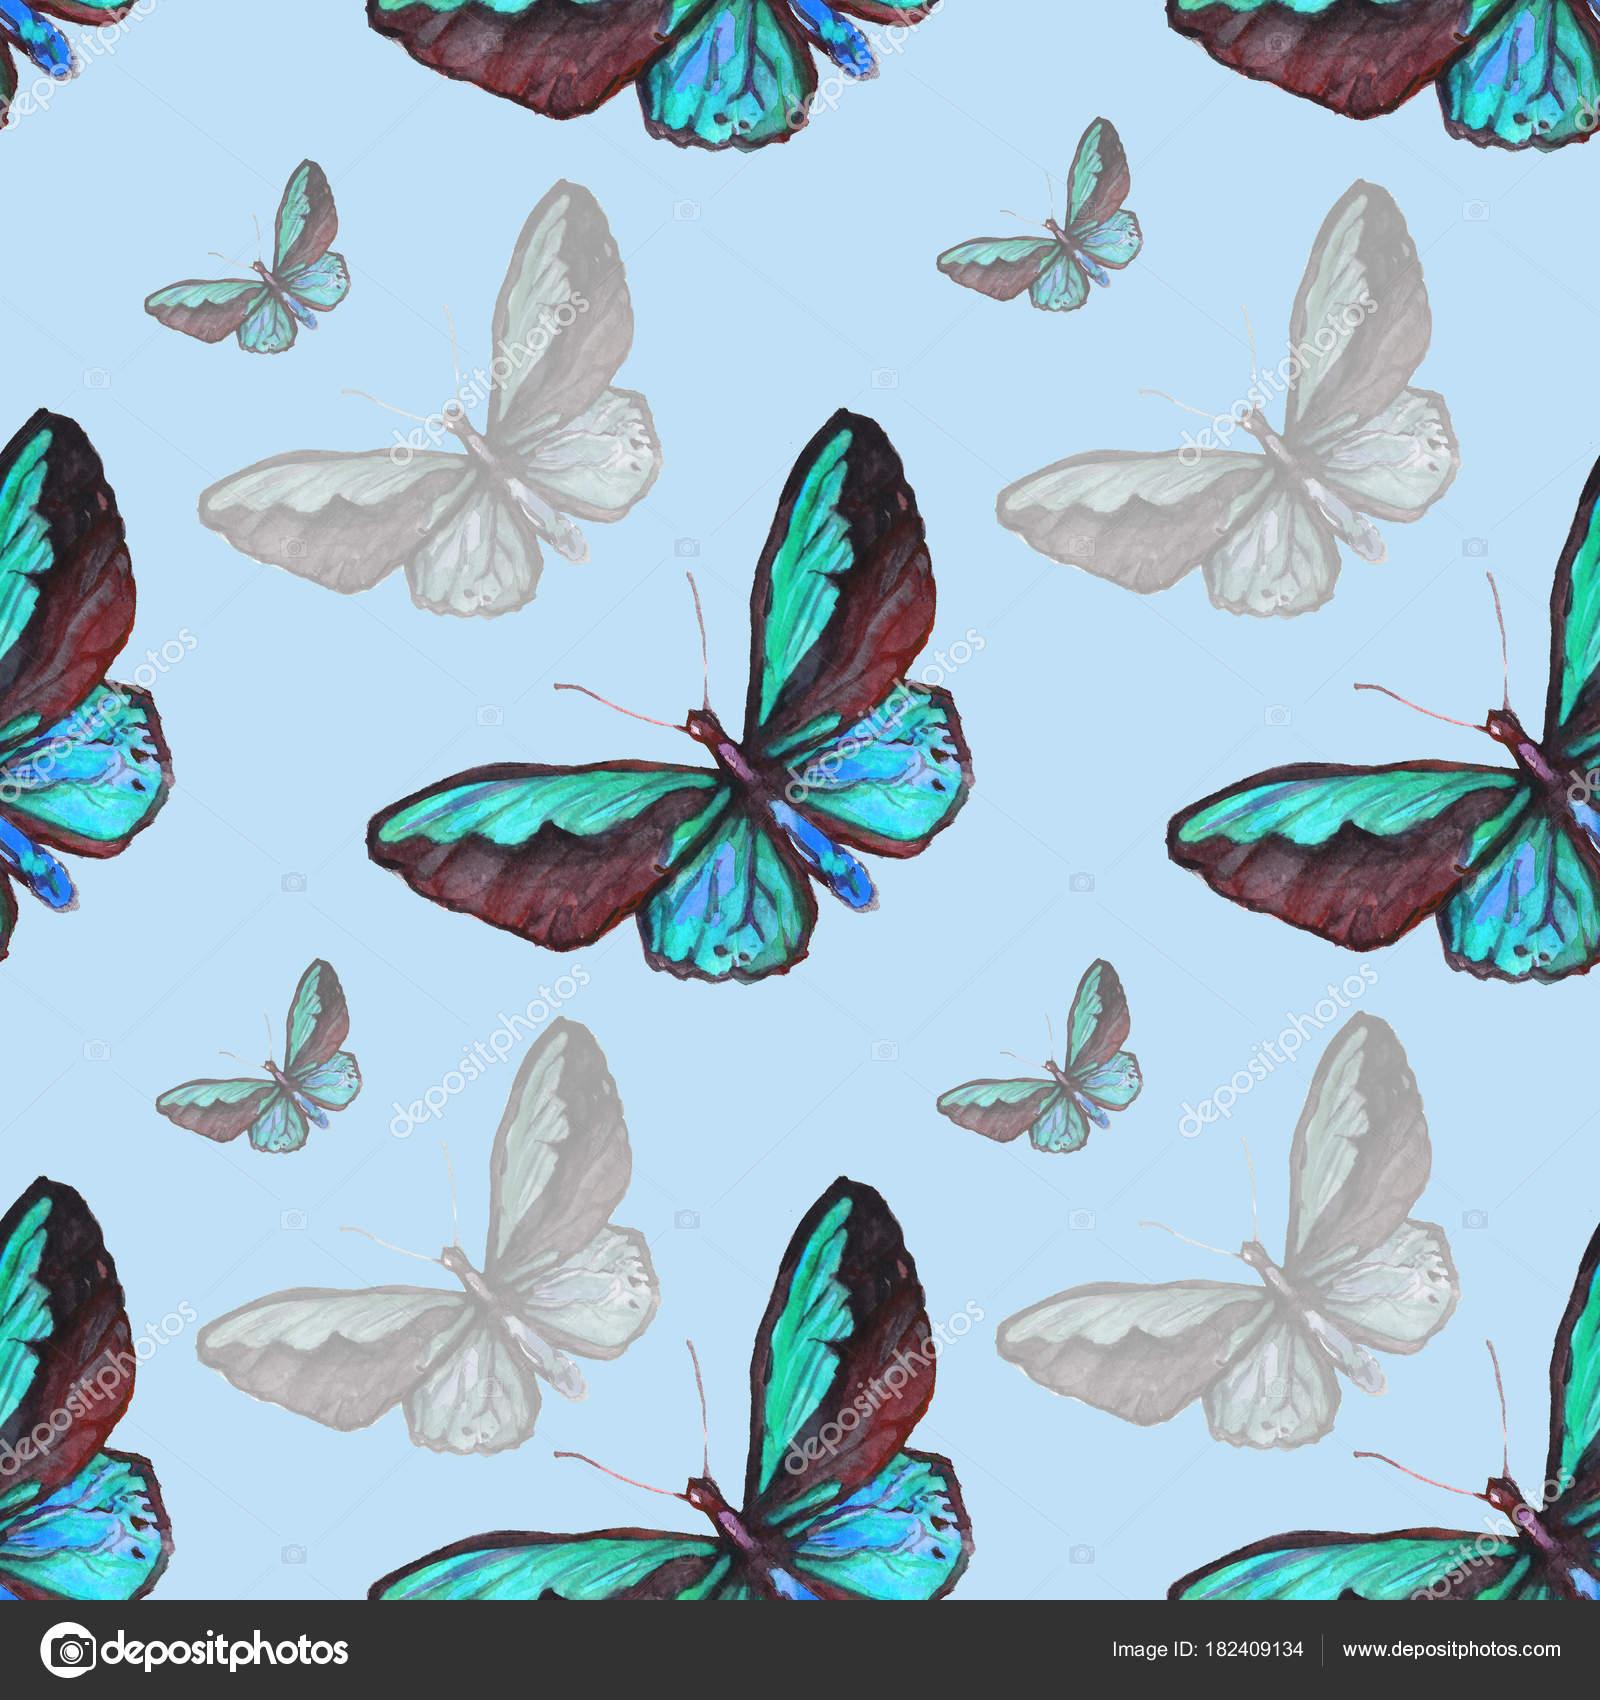 Dibujos Dibujo De Mariposas Pintadas Acuarela De Patrones Sin